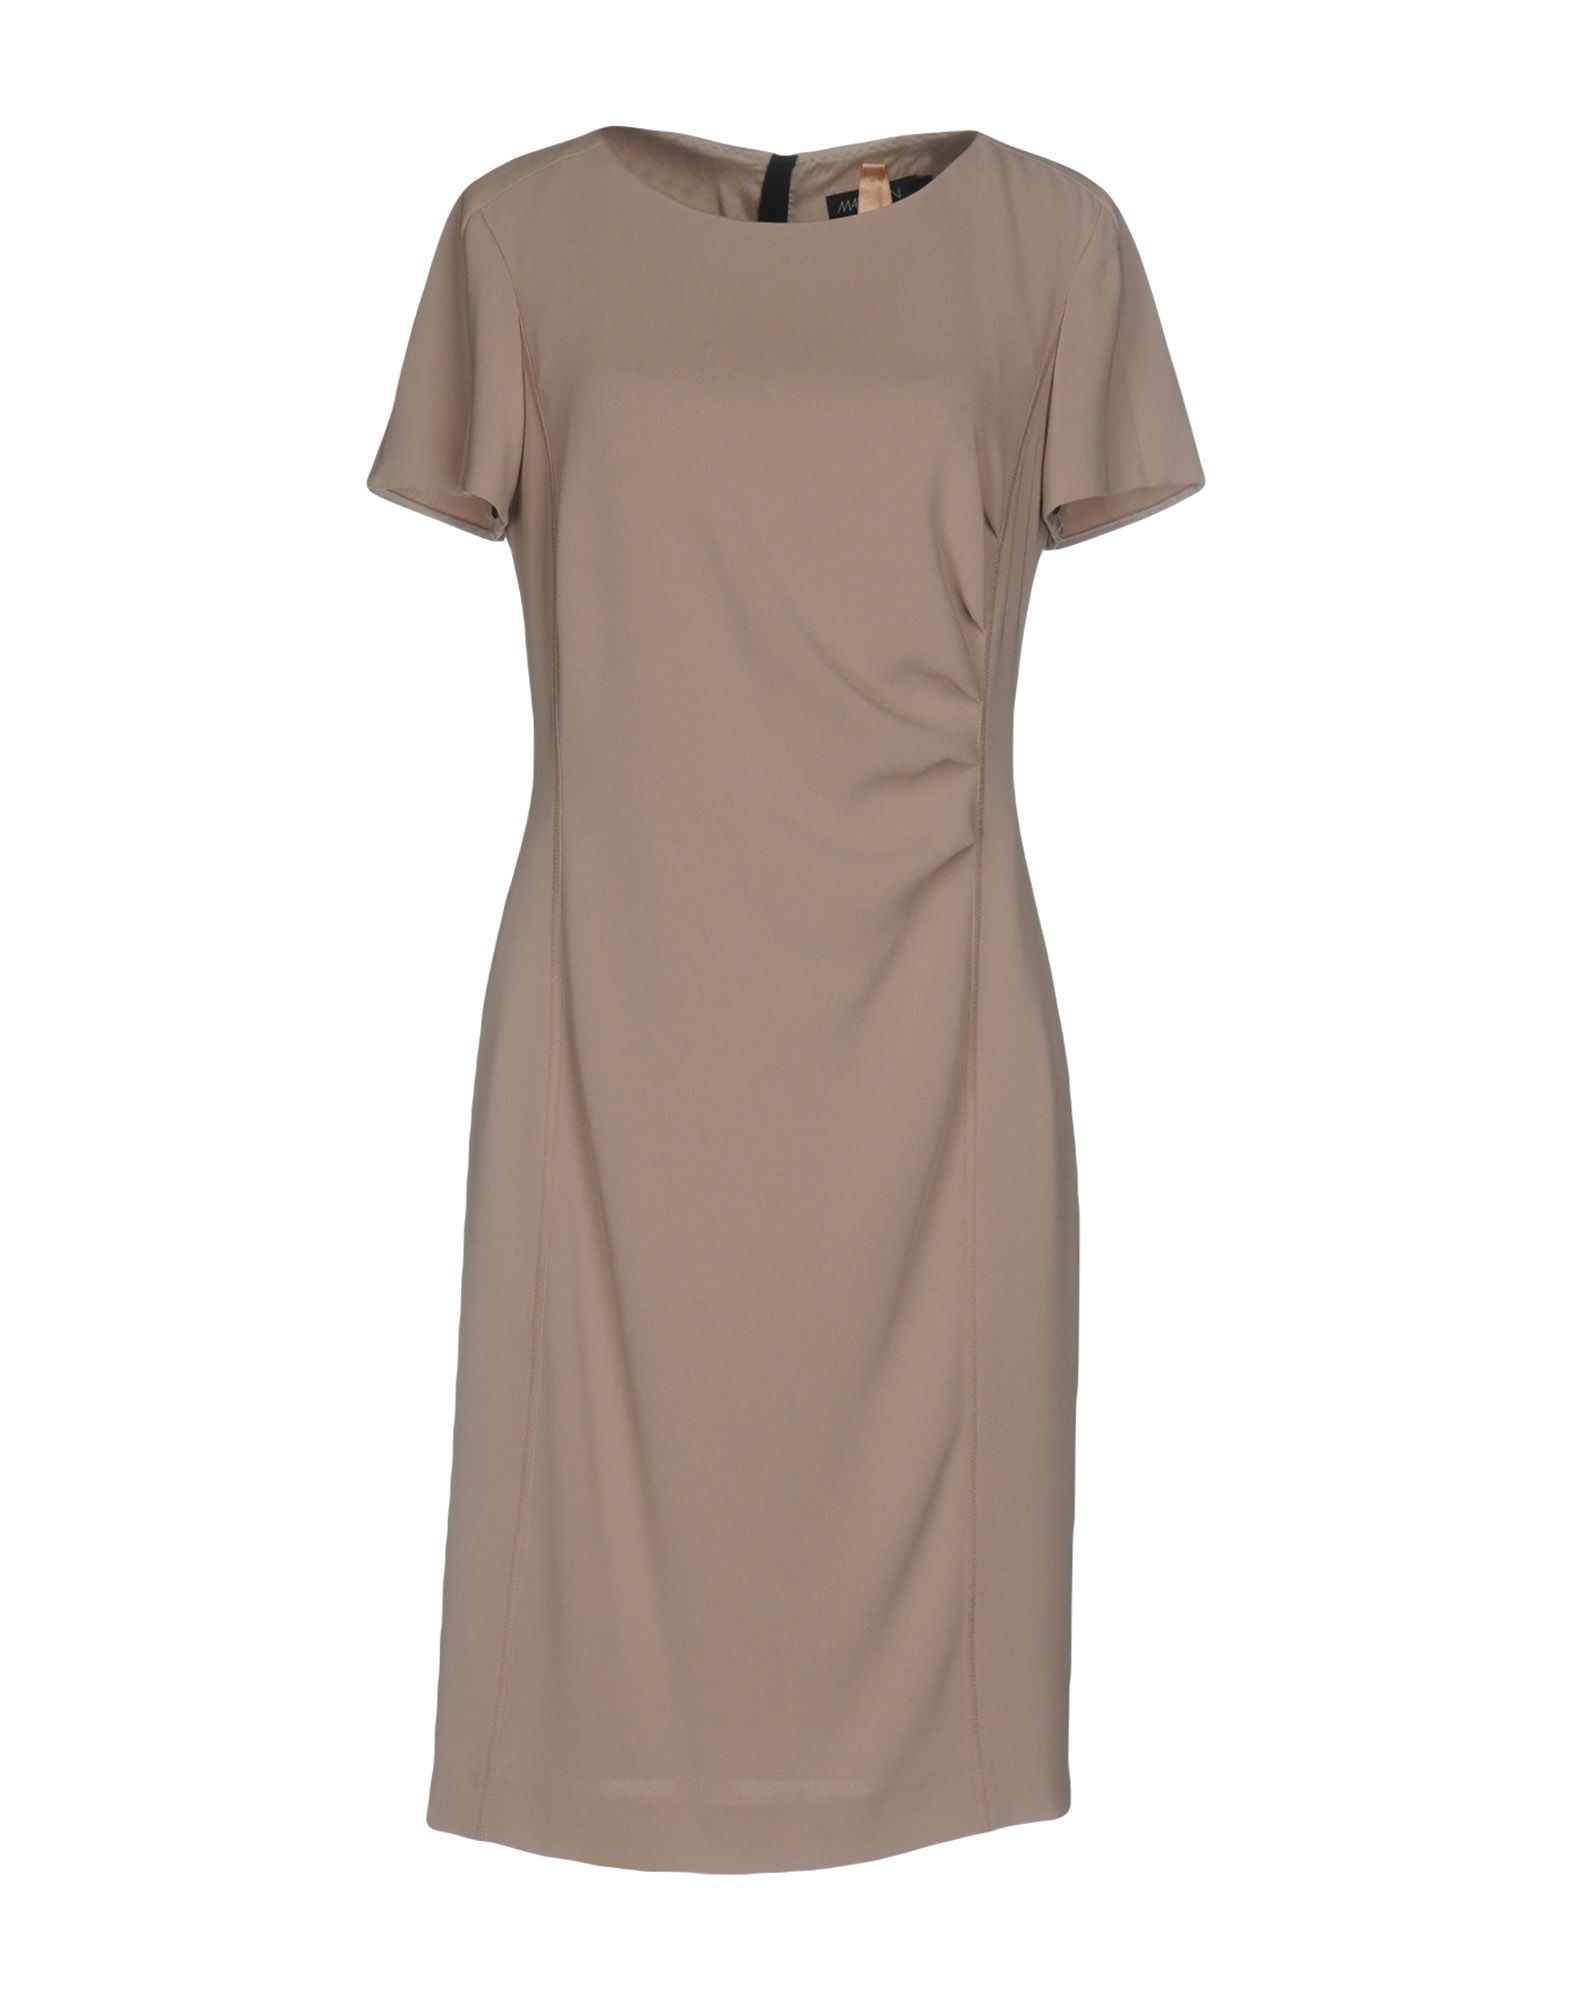 VICTORIA, VICTORIA BECKHAM Короткое платье victoria beckham платье от victoria beckham 69775 черный